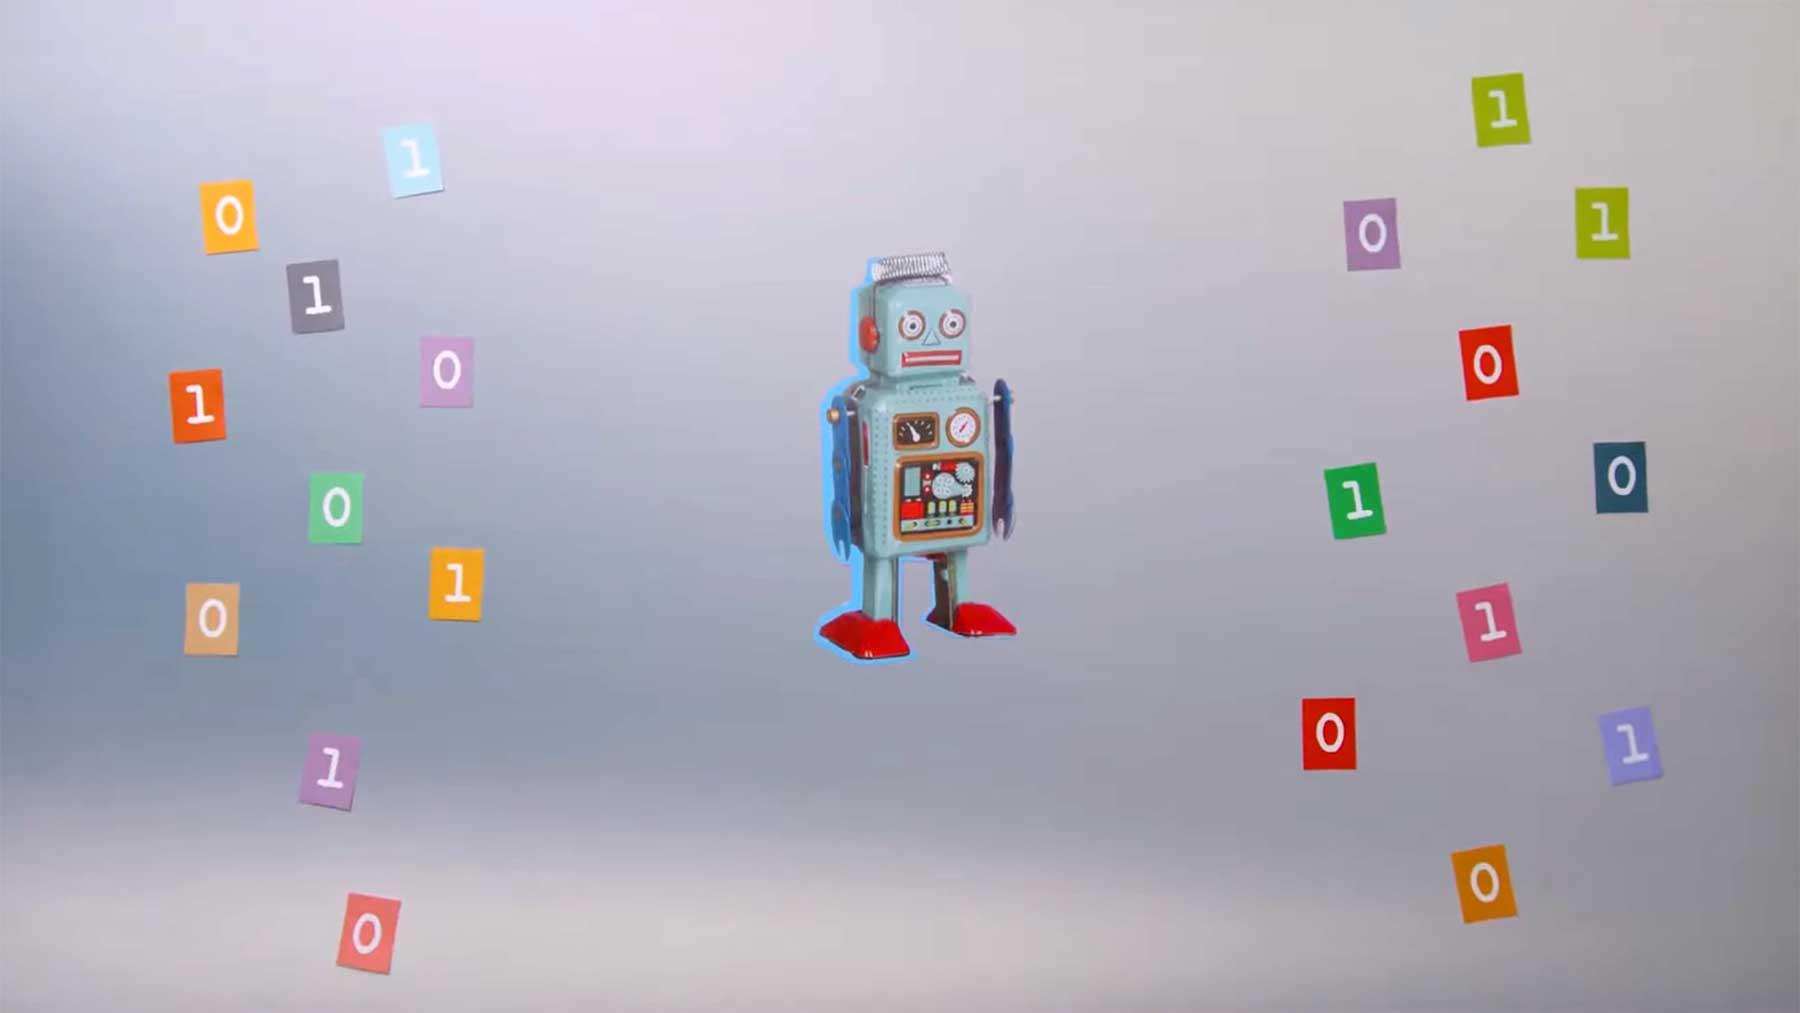 Die Evolution von Software-Entwicklung in 2 Minuten erklärt